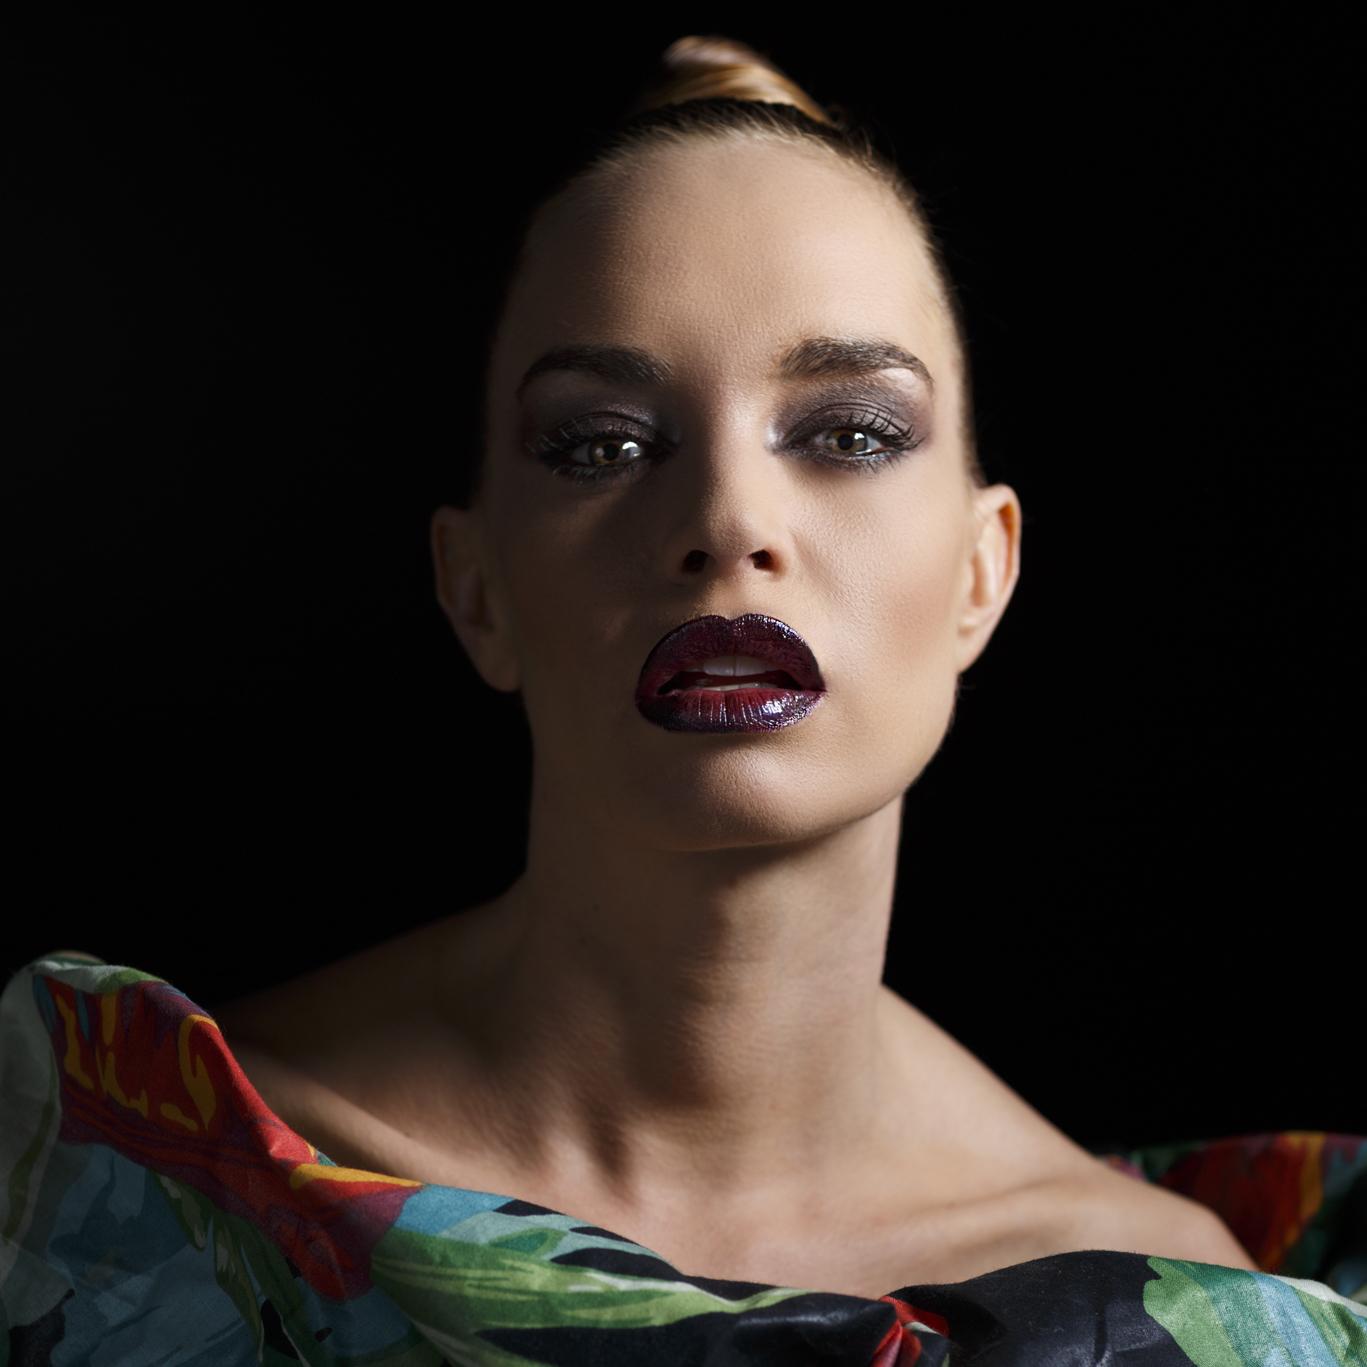 trabajo de maquillaje fantasía por isaac salido inspirado en pat mcgrath